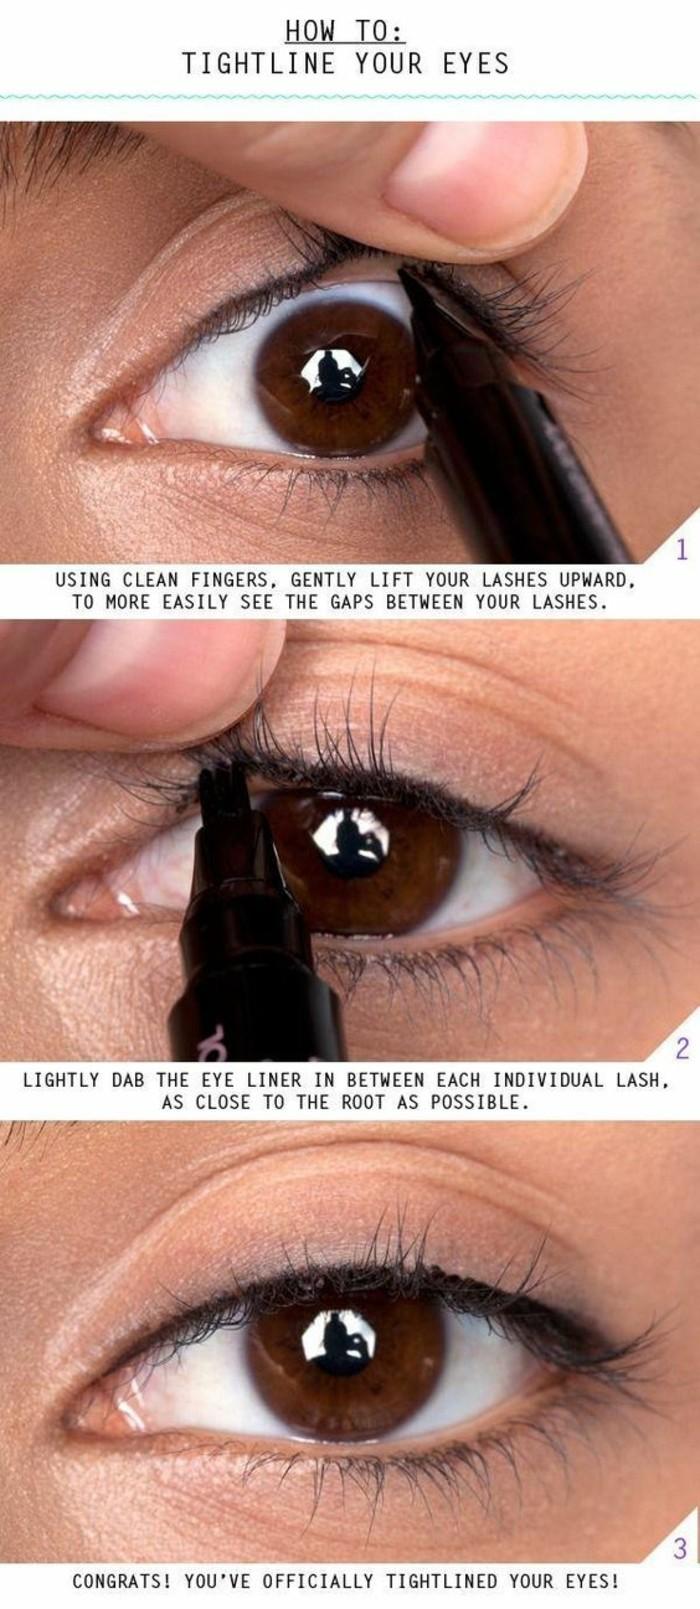 00-maquillage-yeux-ronds-maquillage-yeux-en-amande-couleur-marron